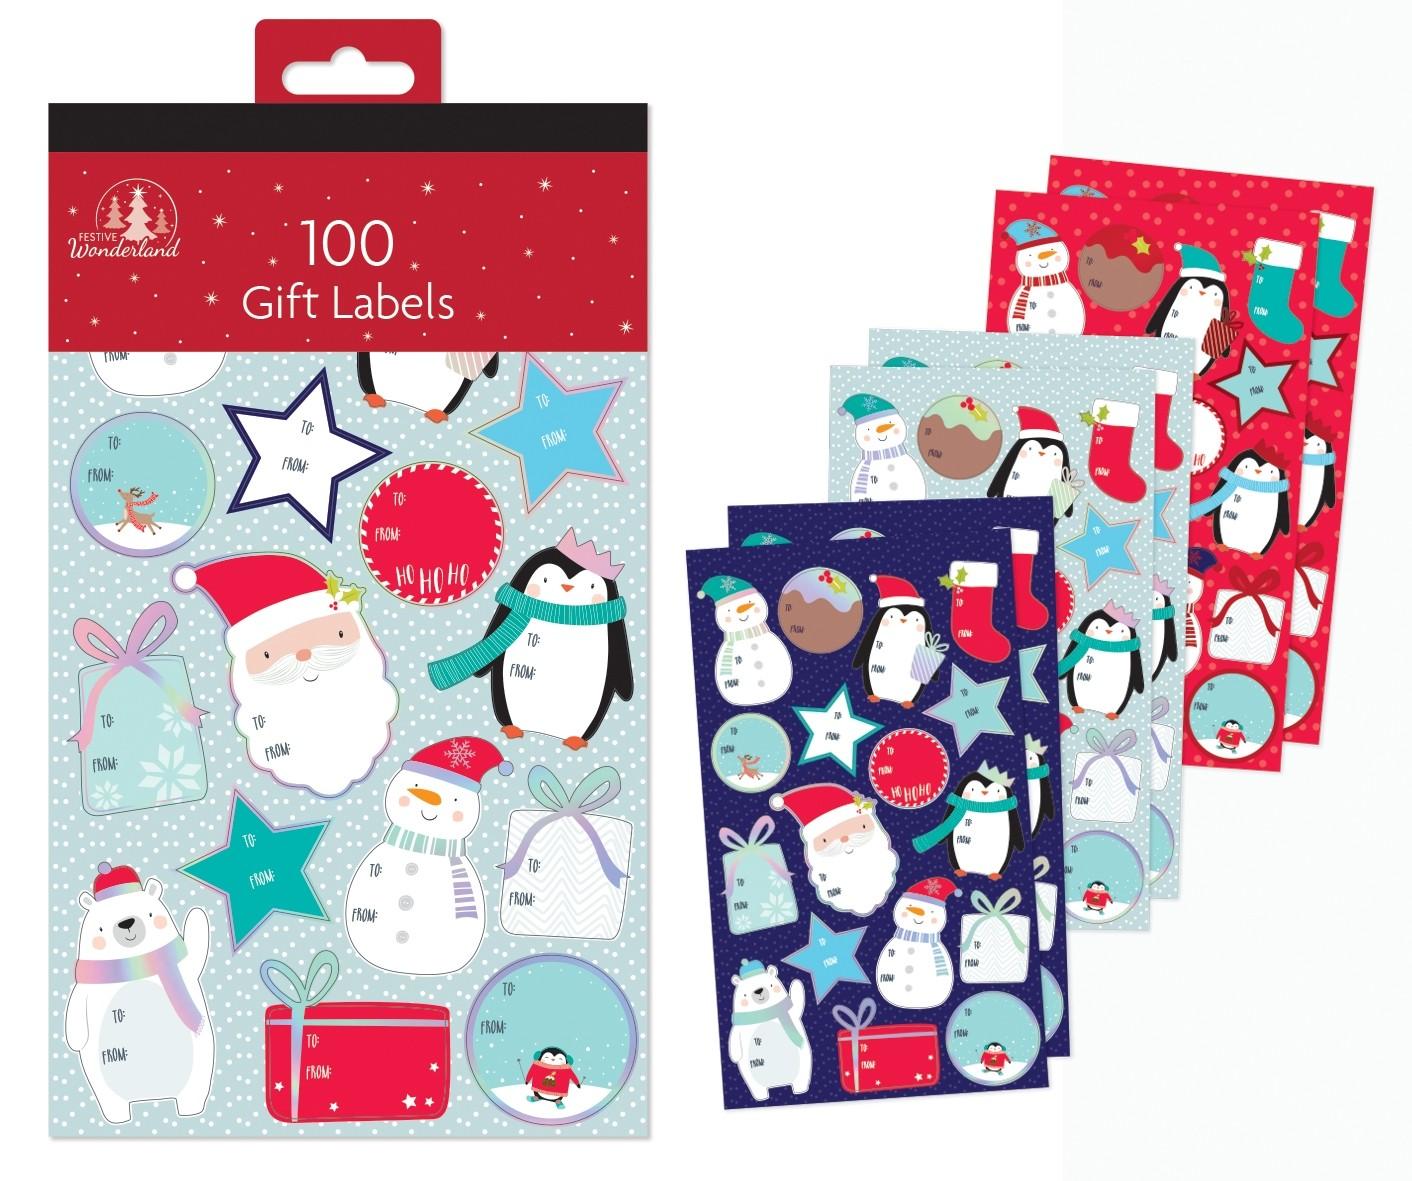 100 fun (children's) sticker gift labels